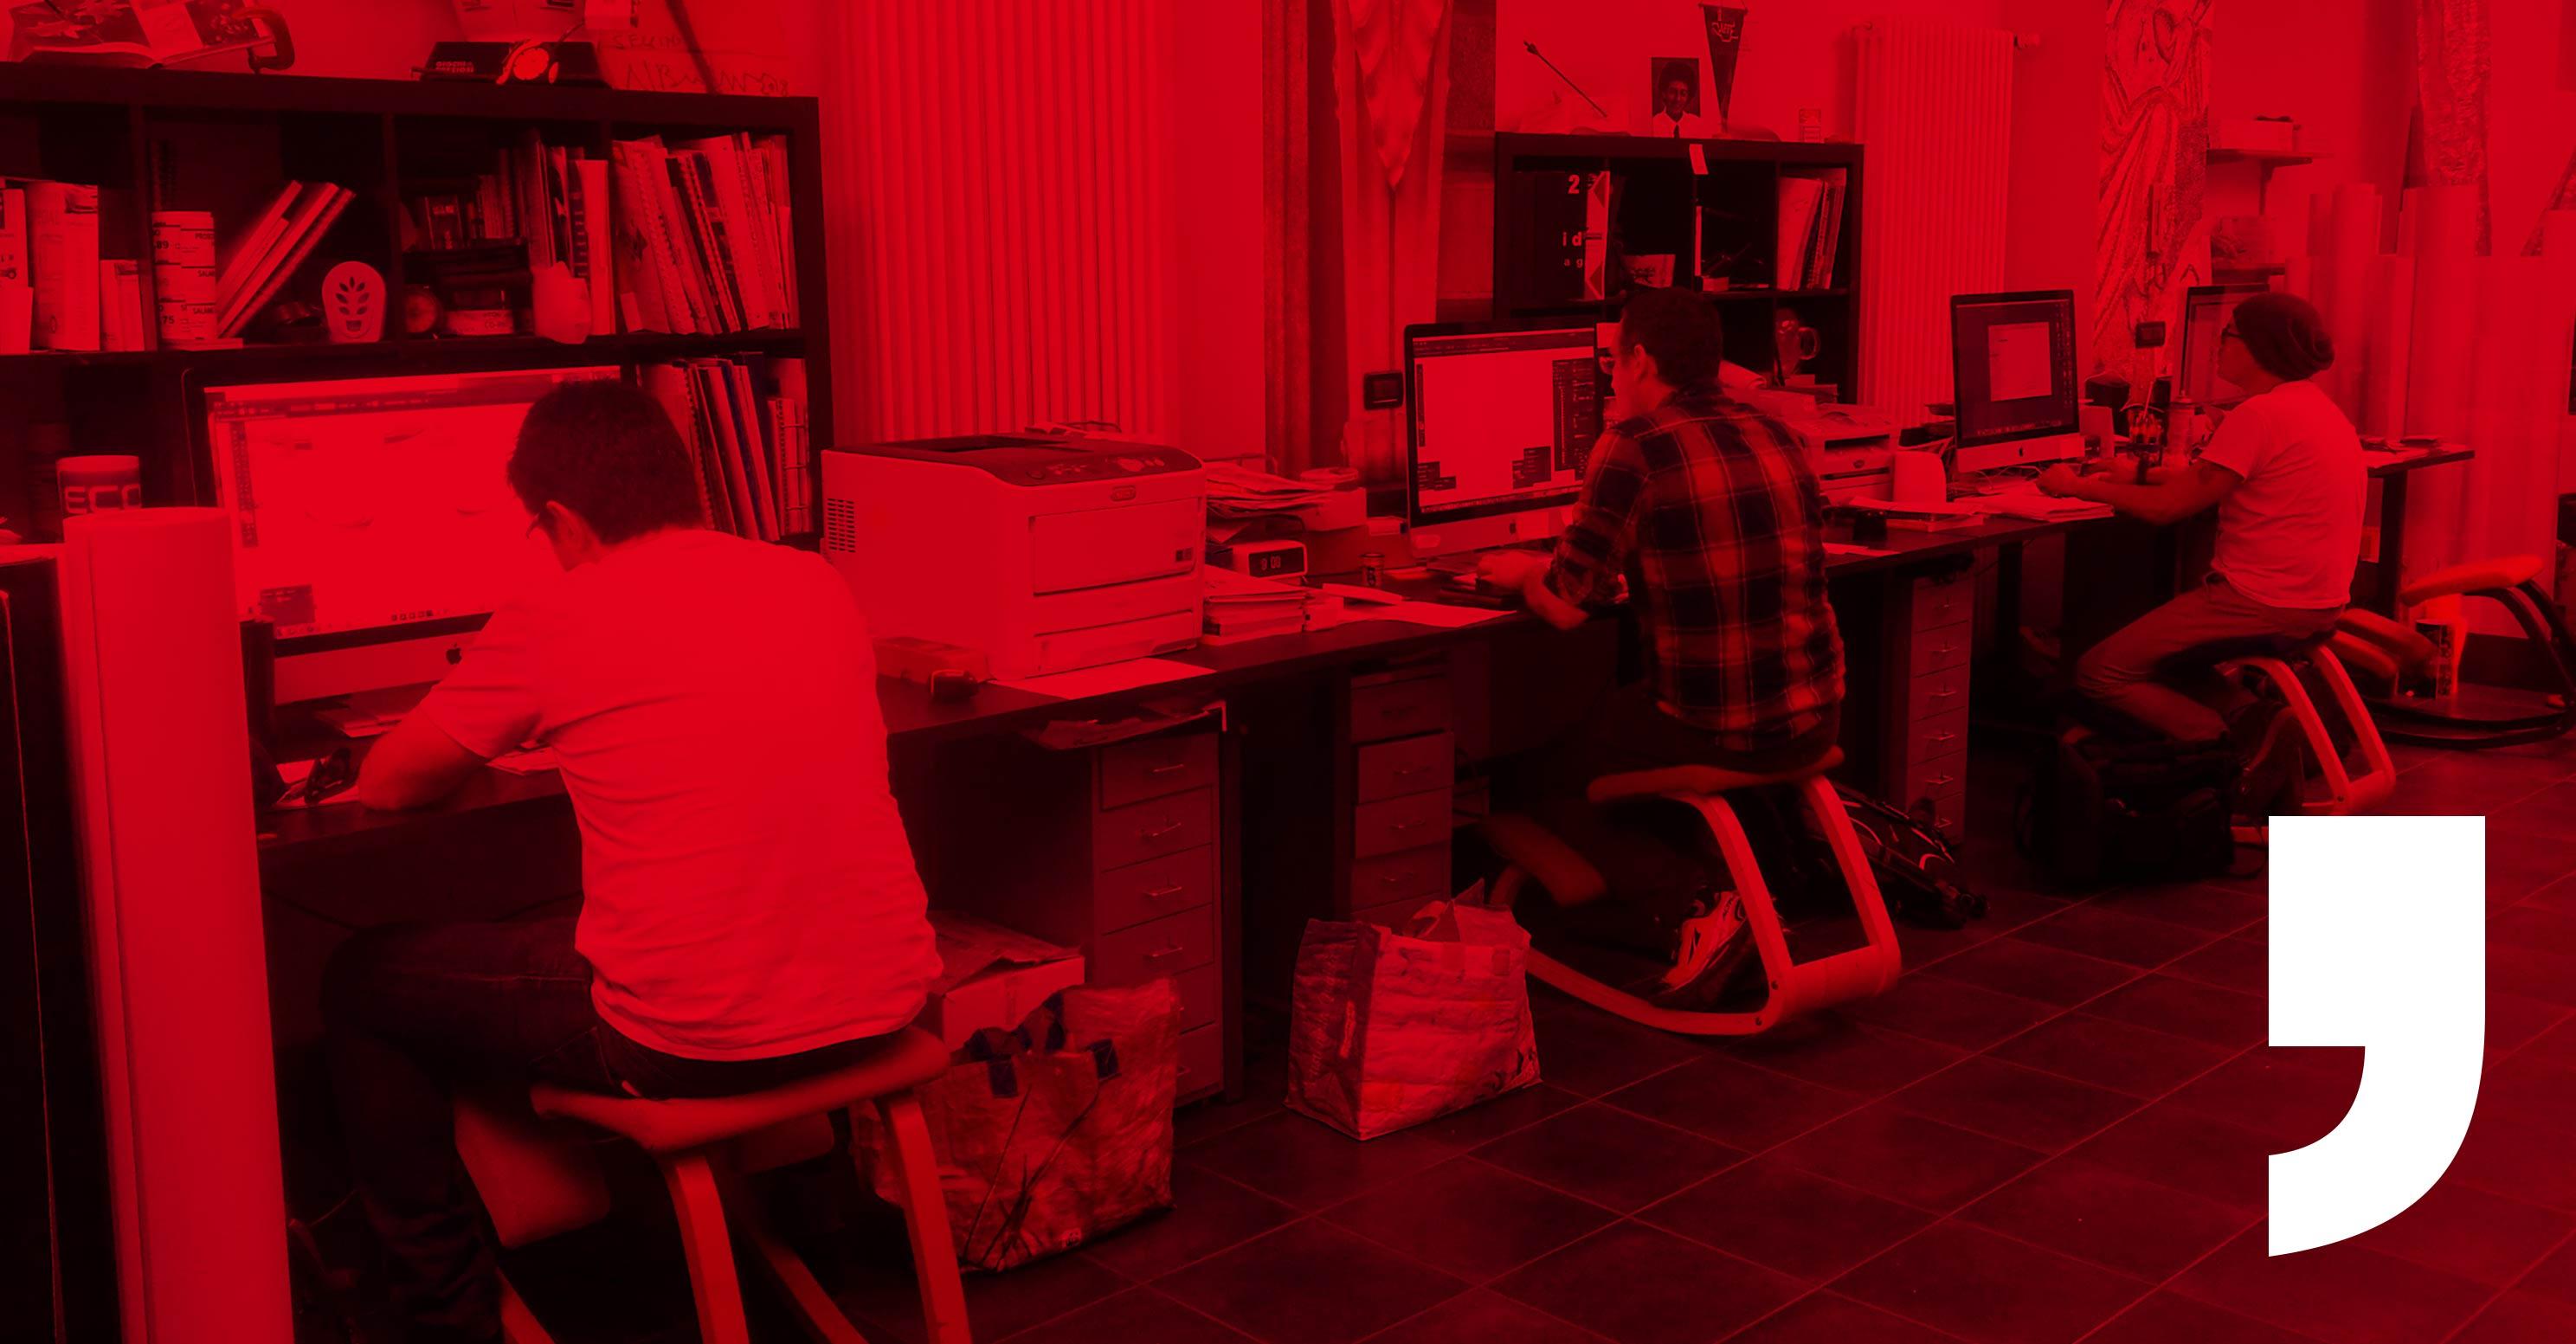 Comunicazione visiva, realizzazione di grafiche, stampa con i migliori plotter e installazione di alta qualità a Torino.